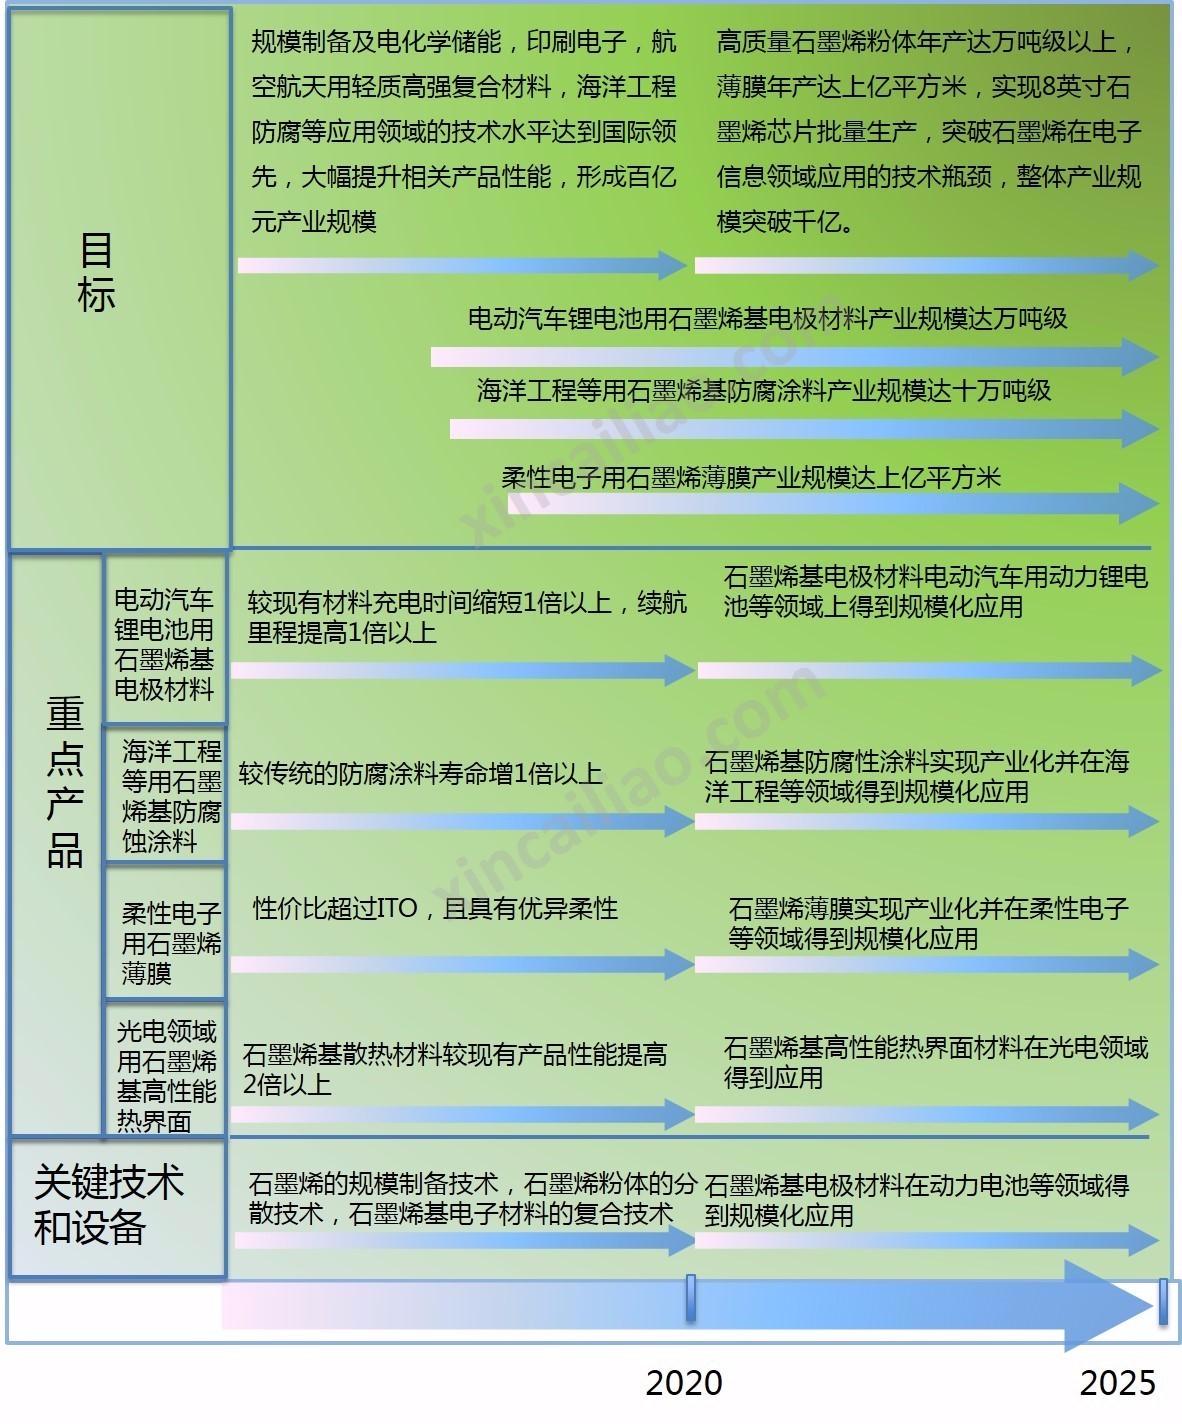 《中国制造2025》石墨烯材料技术路线图